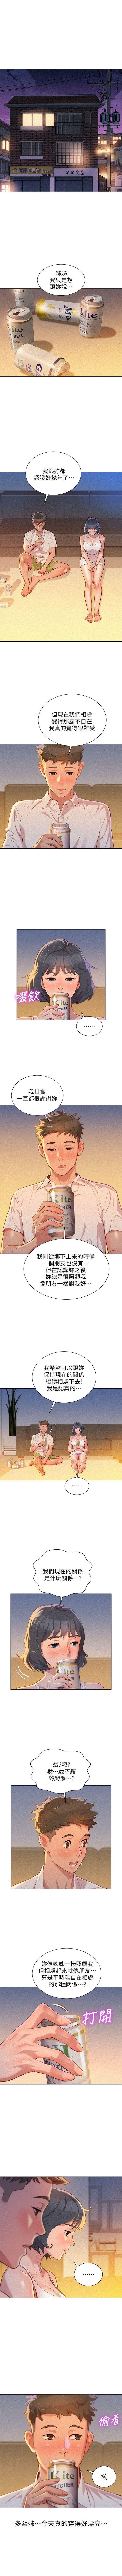 (周7)漂亮干姐姐  1-79 中文翻译 (更新中) 163